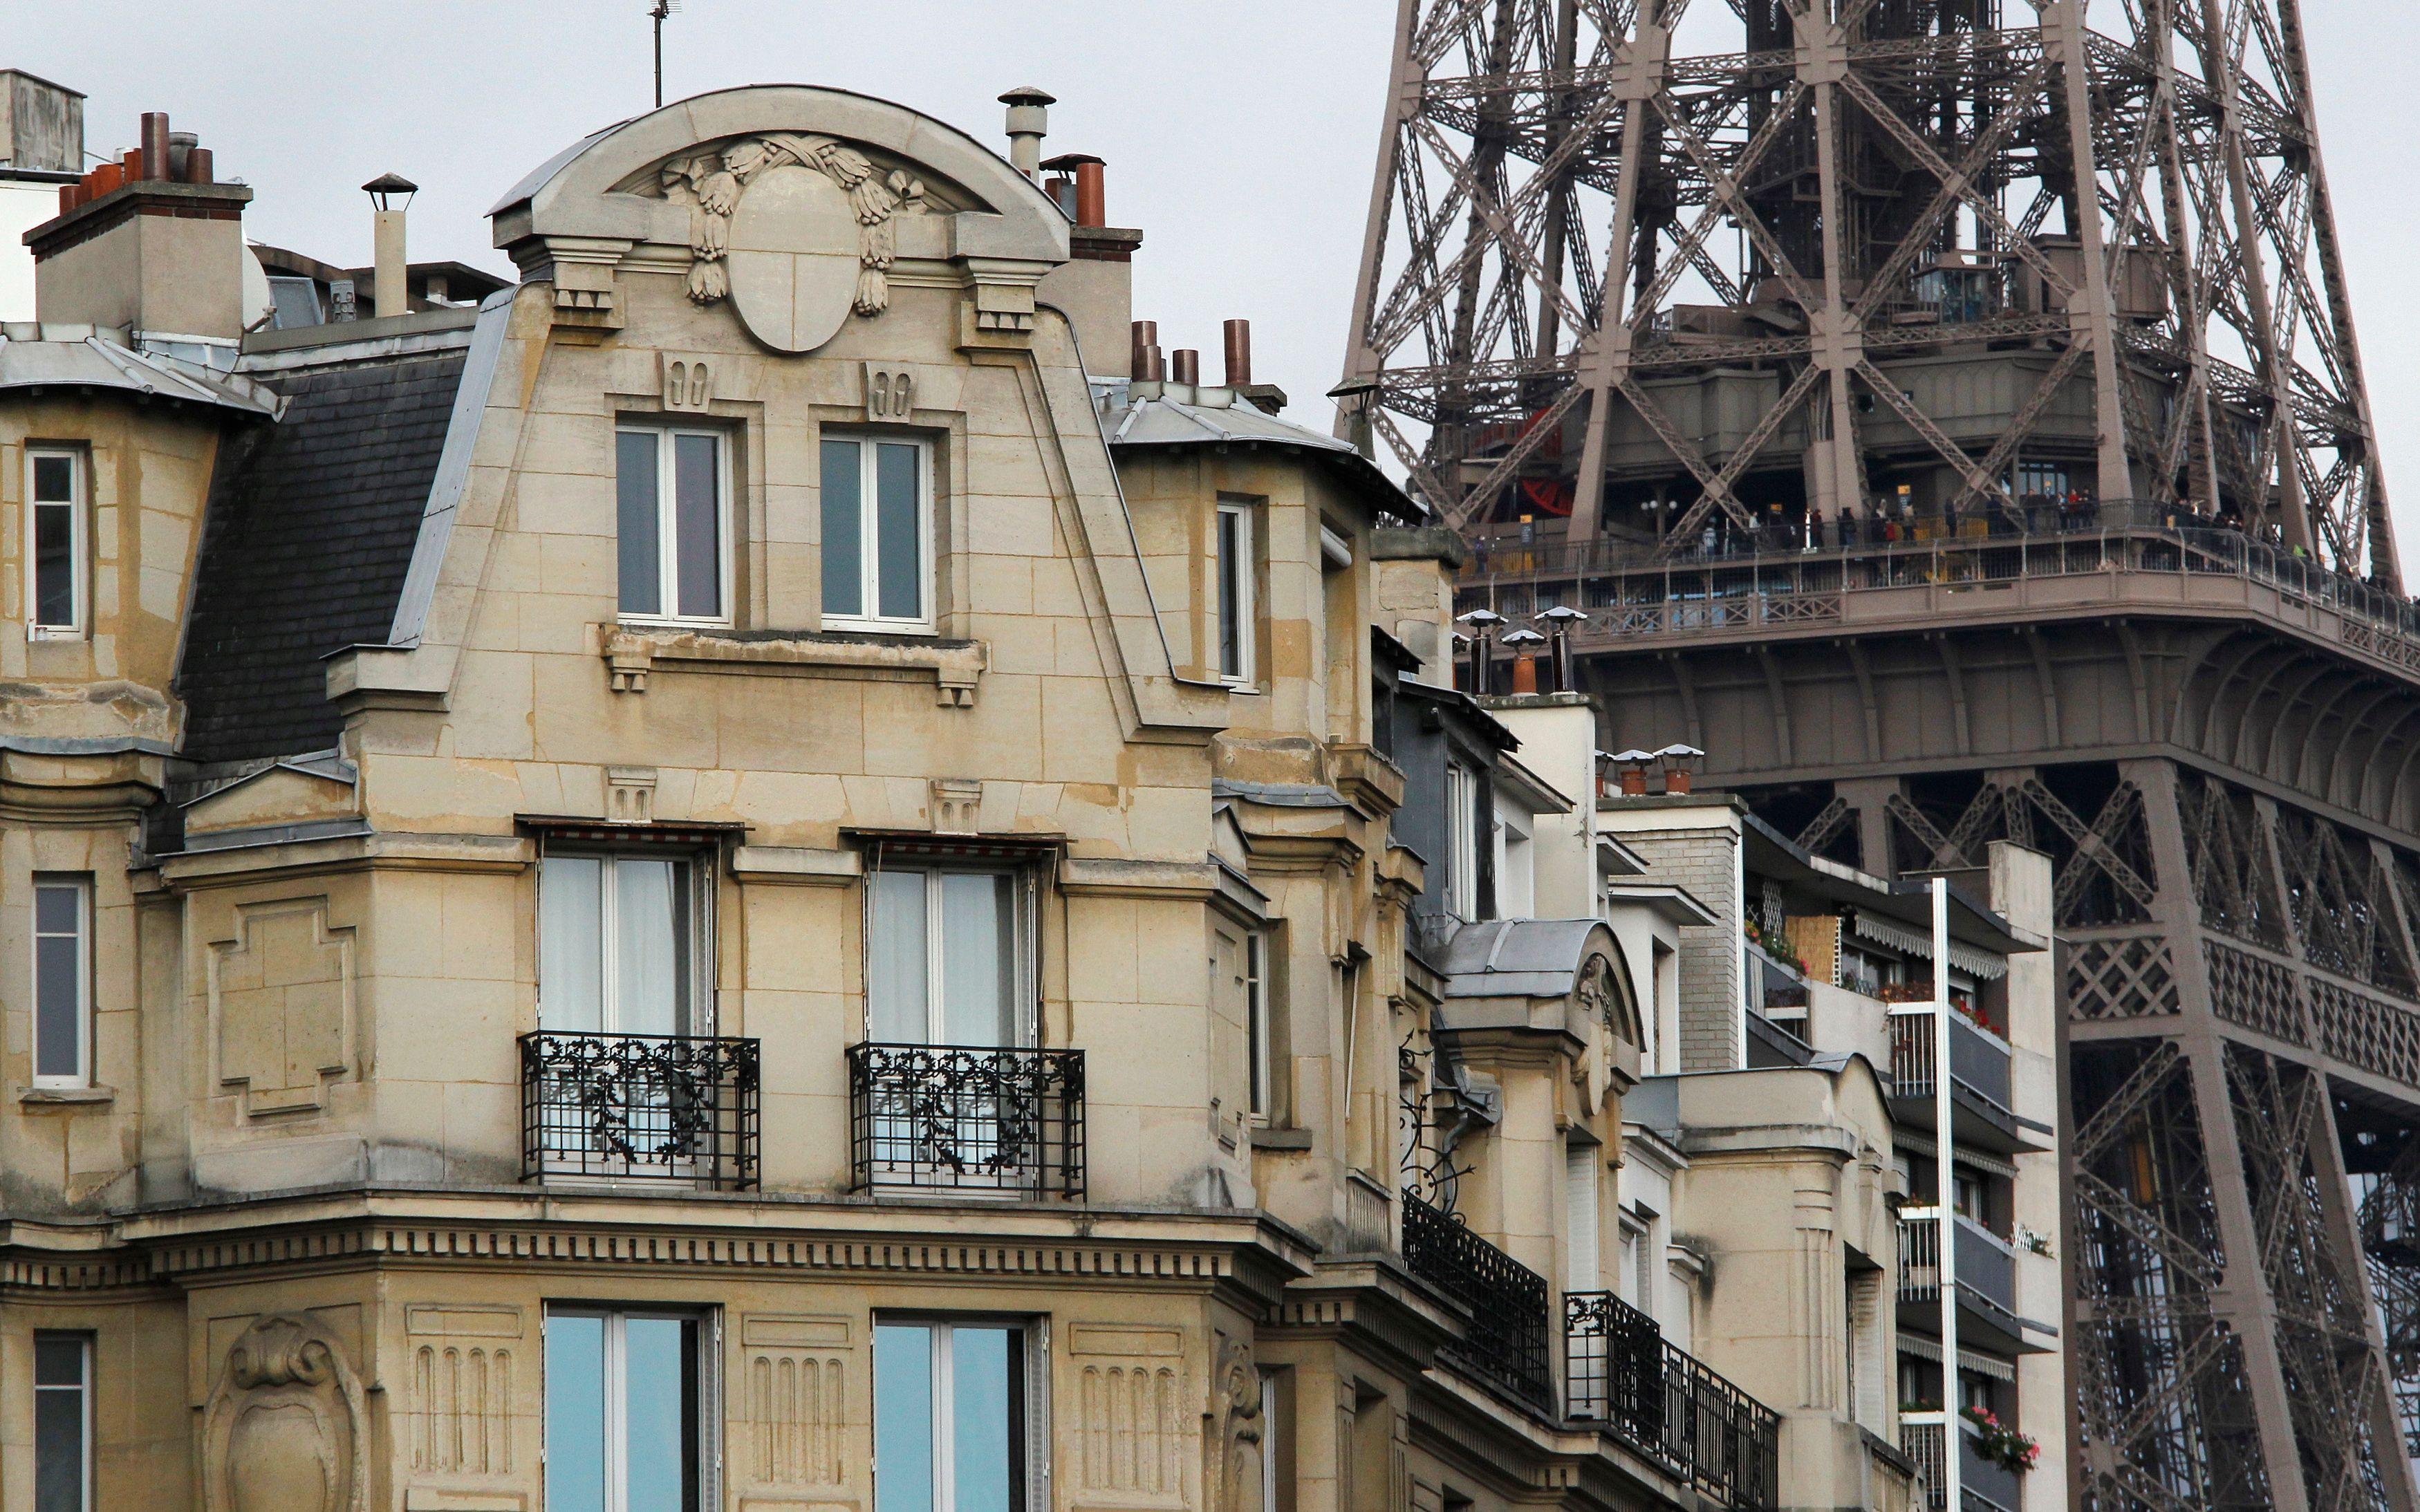 L'année 2012 devrait marquer un net recul, selon une étude de la chambre des notaires de Paris / Ile-de-France et de l'Insee.